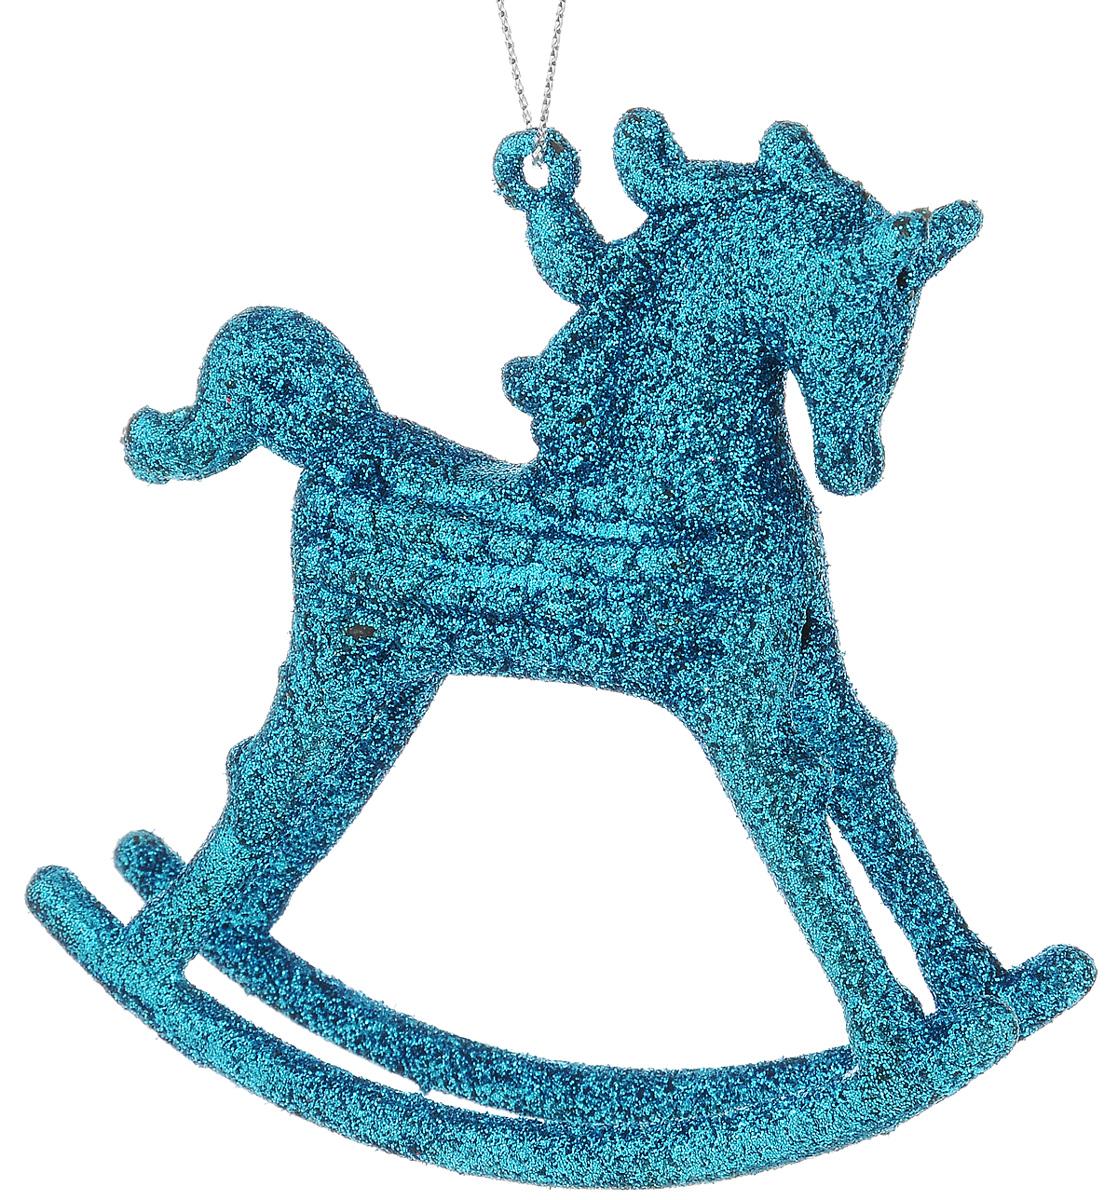 Украшение новогоднее подвесное Winter Wings Лошадка, высота 10 смN09163_бирюзовыйНовогоднее подвесное украшение Winter Wings Лошадка выполнено из пластика и украшено блестками. С помощью специальной петельки украшение можно повесить в любом понравившемся вам месте. Но, конечно, удачнее всего оно будет смотреться на праздничной елке.Елочная игрушка - символ Нового года. Она несет в себе волшебство и красоту праздника. Создайте в своем доме атмосферу веселья и радости, украшая новогоднюю елку нарядными игрушками, которые будут из года в год накапливать теплоту воспоминаний. Откройте для себя удивительный мир сказок и грез. Почувствуйте волшебные минуты ожидания праздника, создайте новогоднее настроение вашим дорогим и близким. Размер украшения: 10,5 х 2,4 х 10 см.